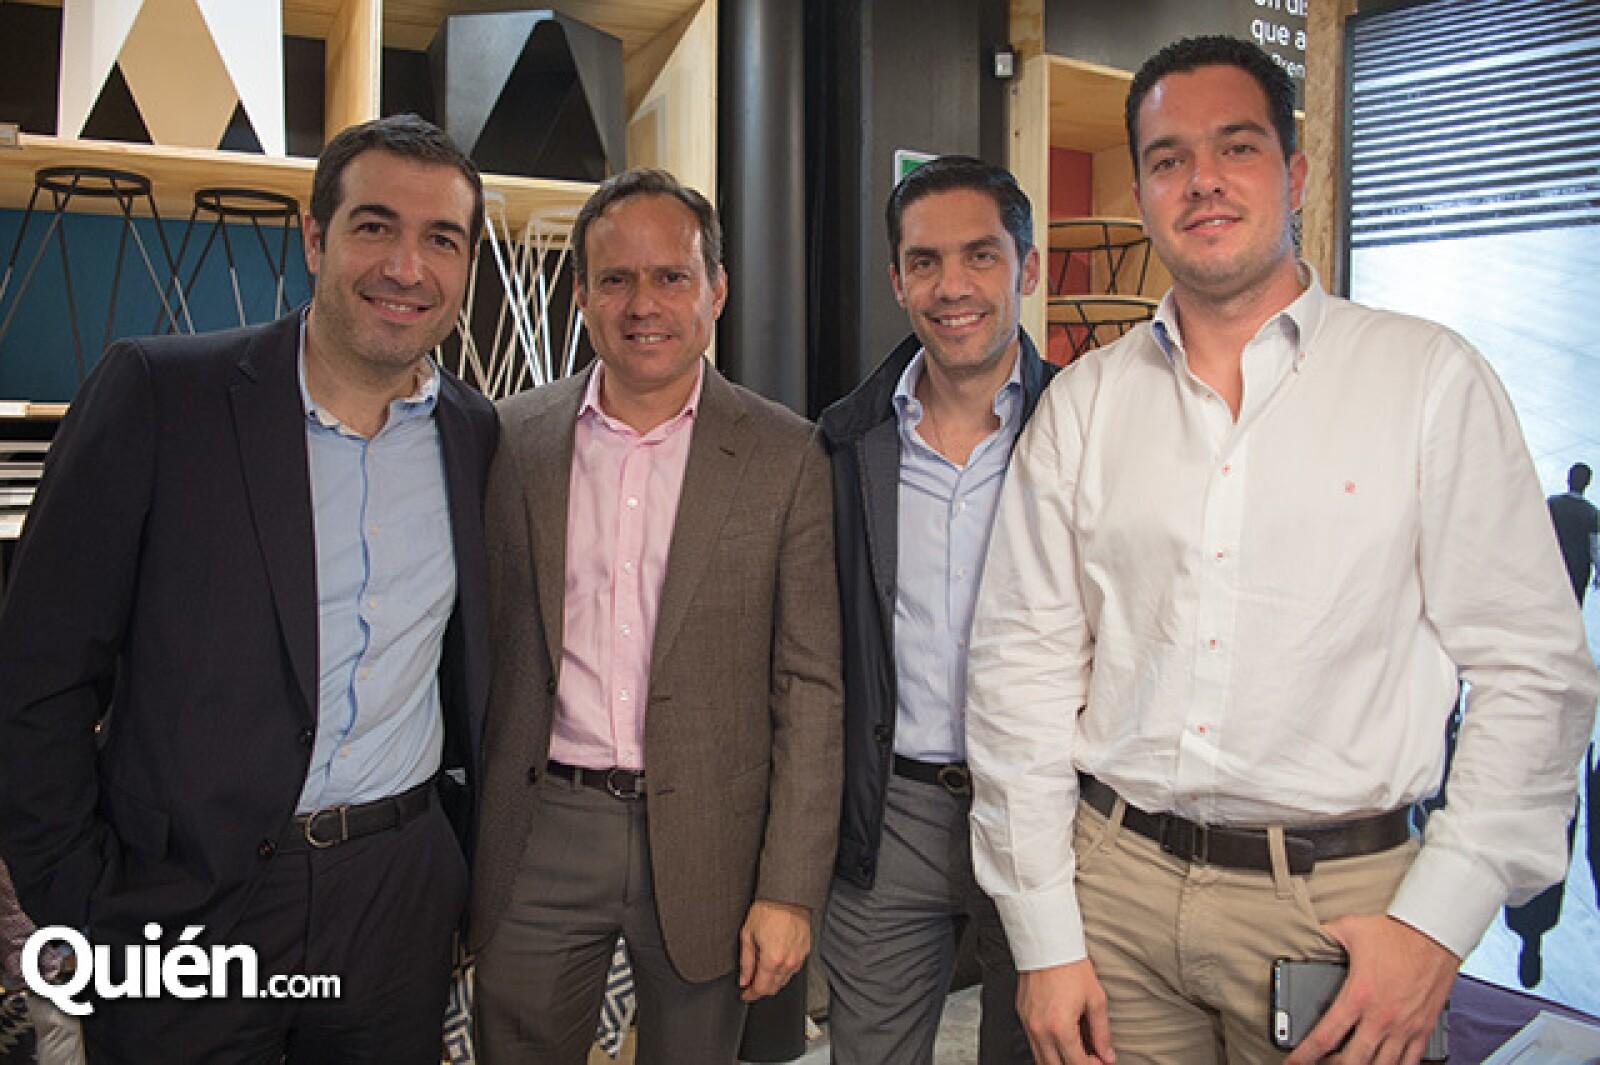 Pablo Guzzo, Guillermo Buitano, Rodrigo Besoy y Santiago Zapata